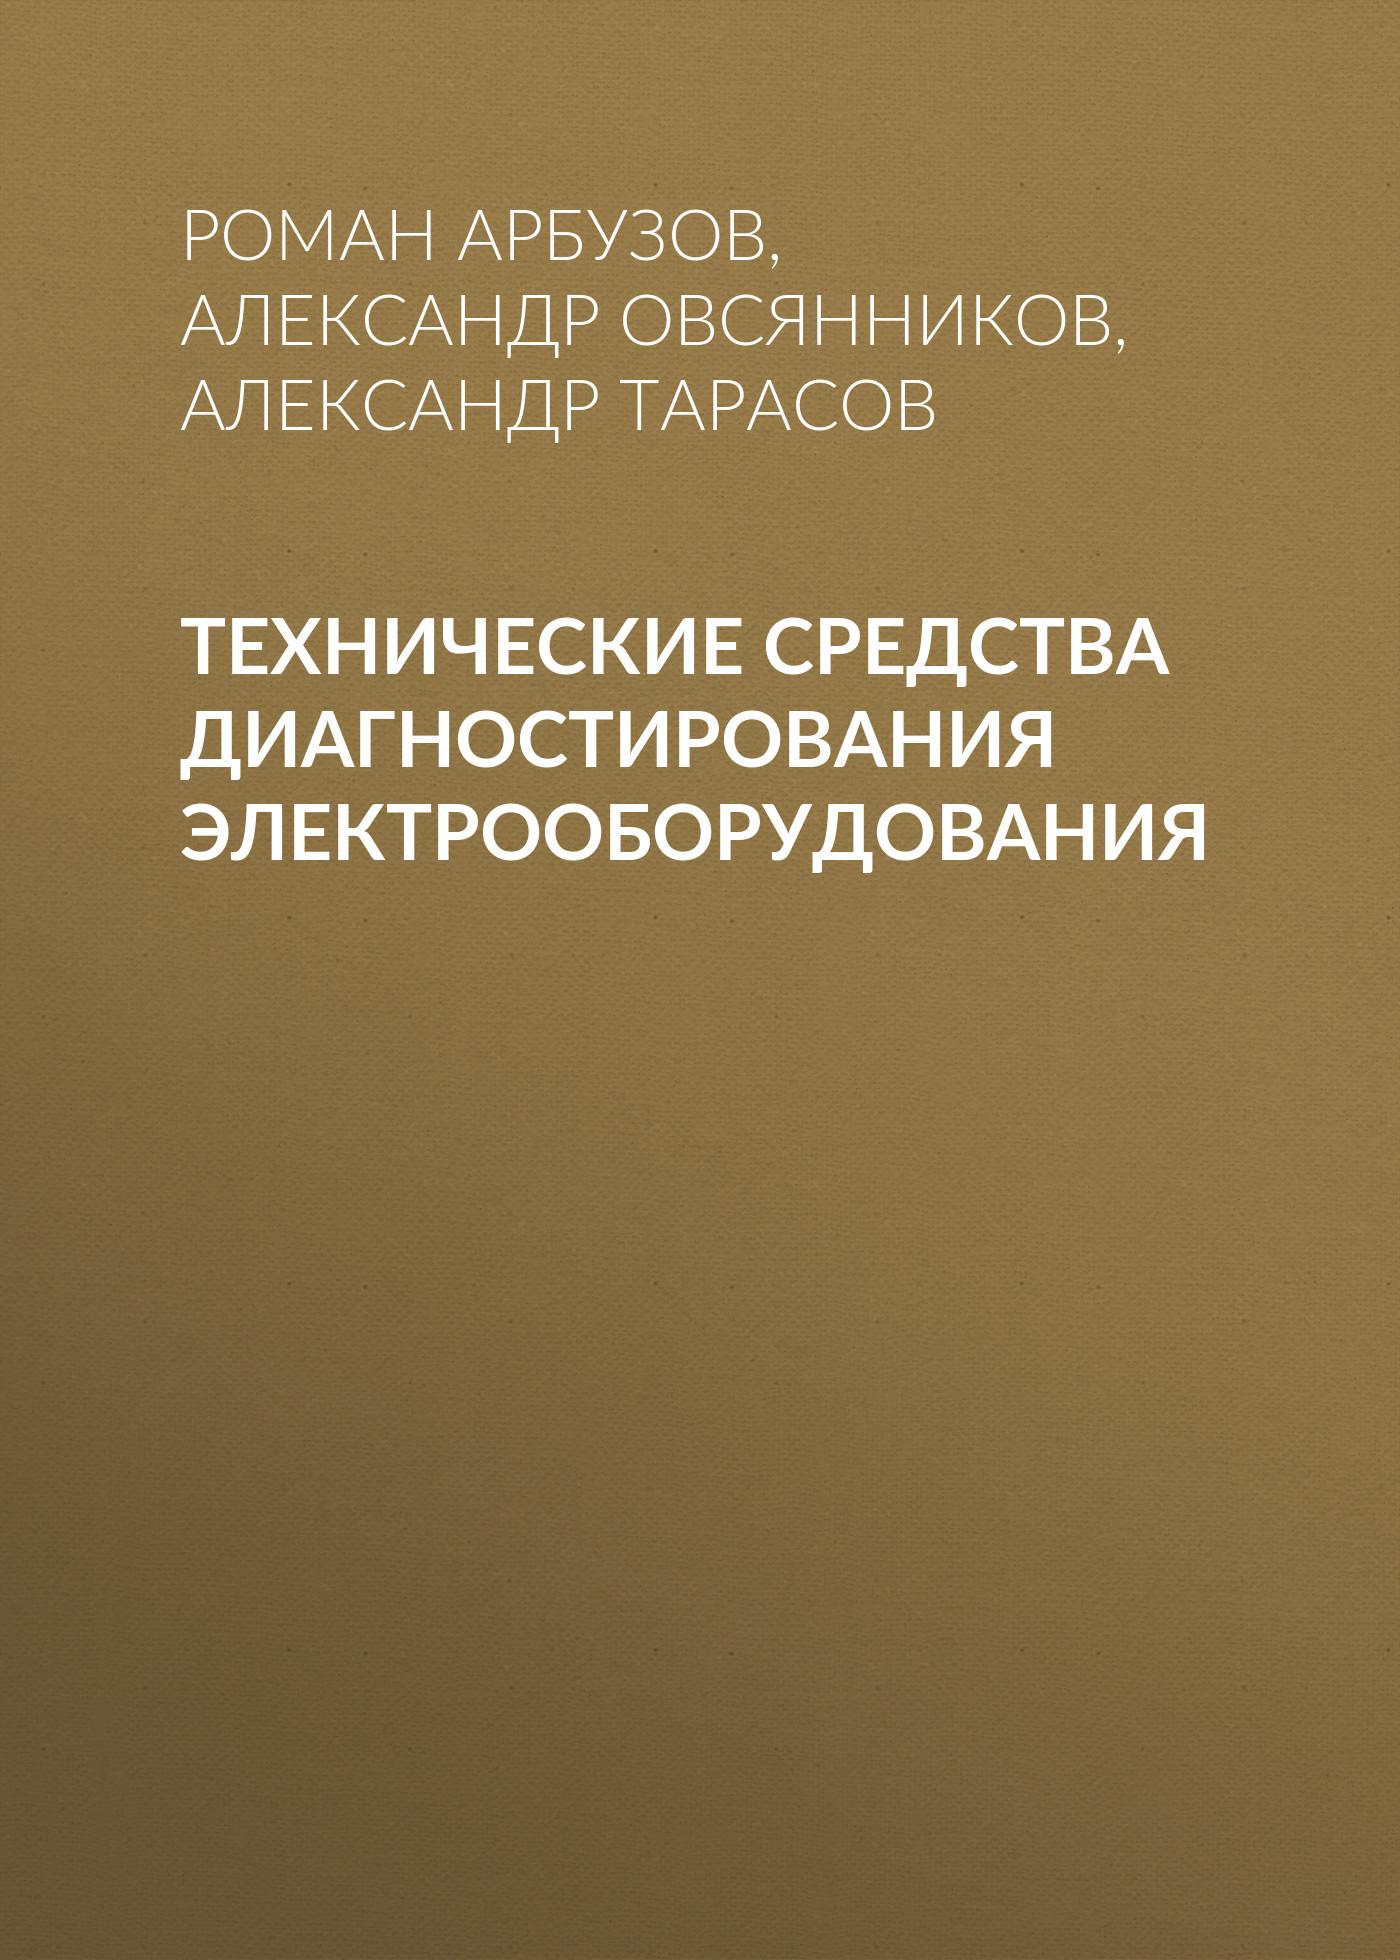 Александр Тарасов Технические средства диагностирования электрооборудования елена хоменко научная работа магистрантов